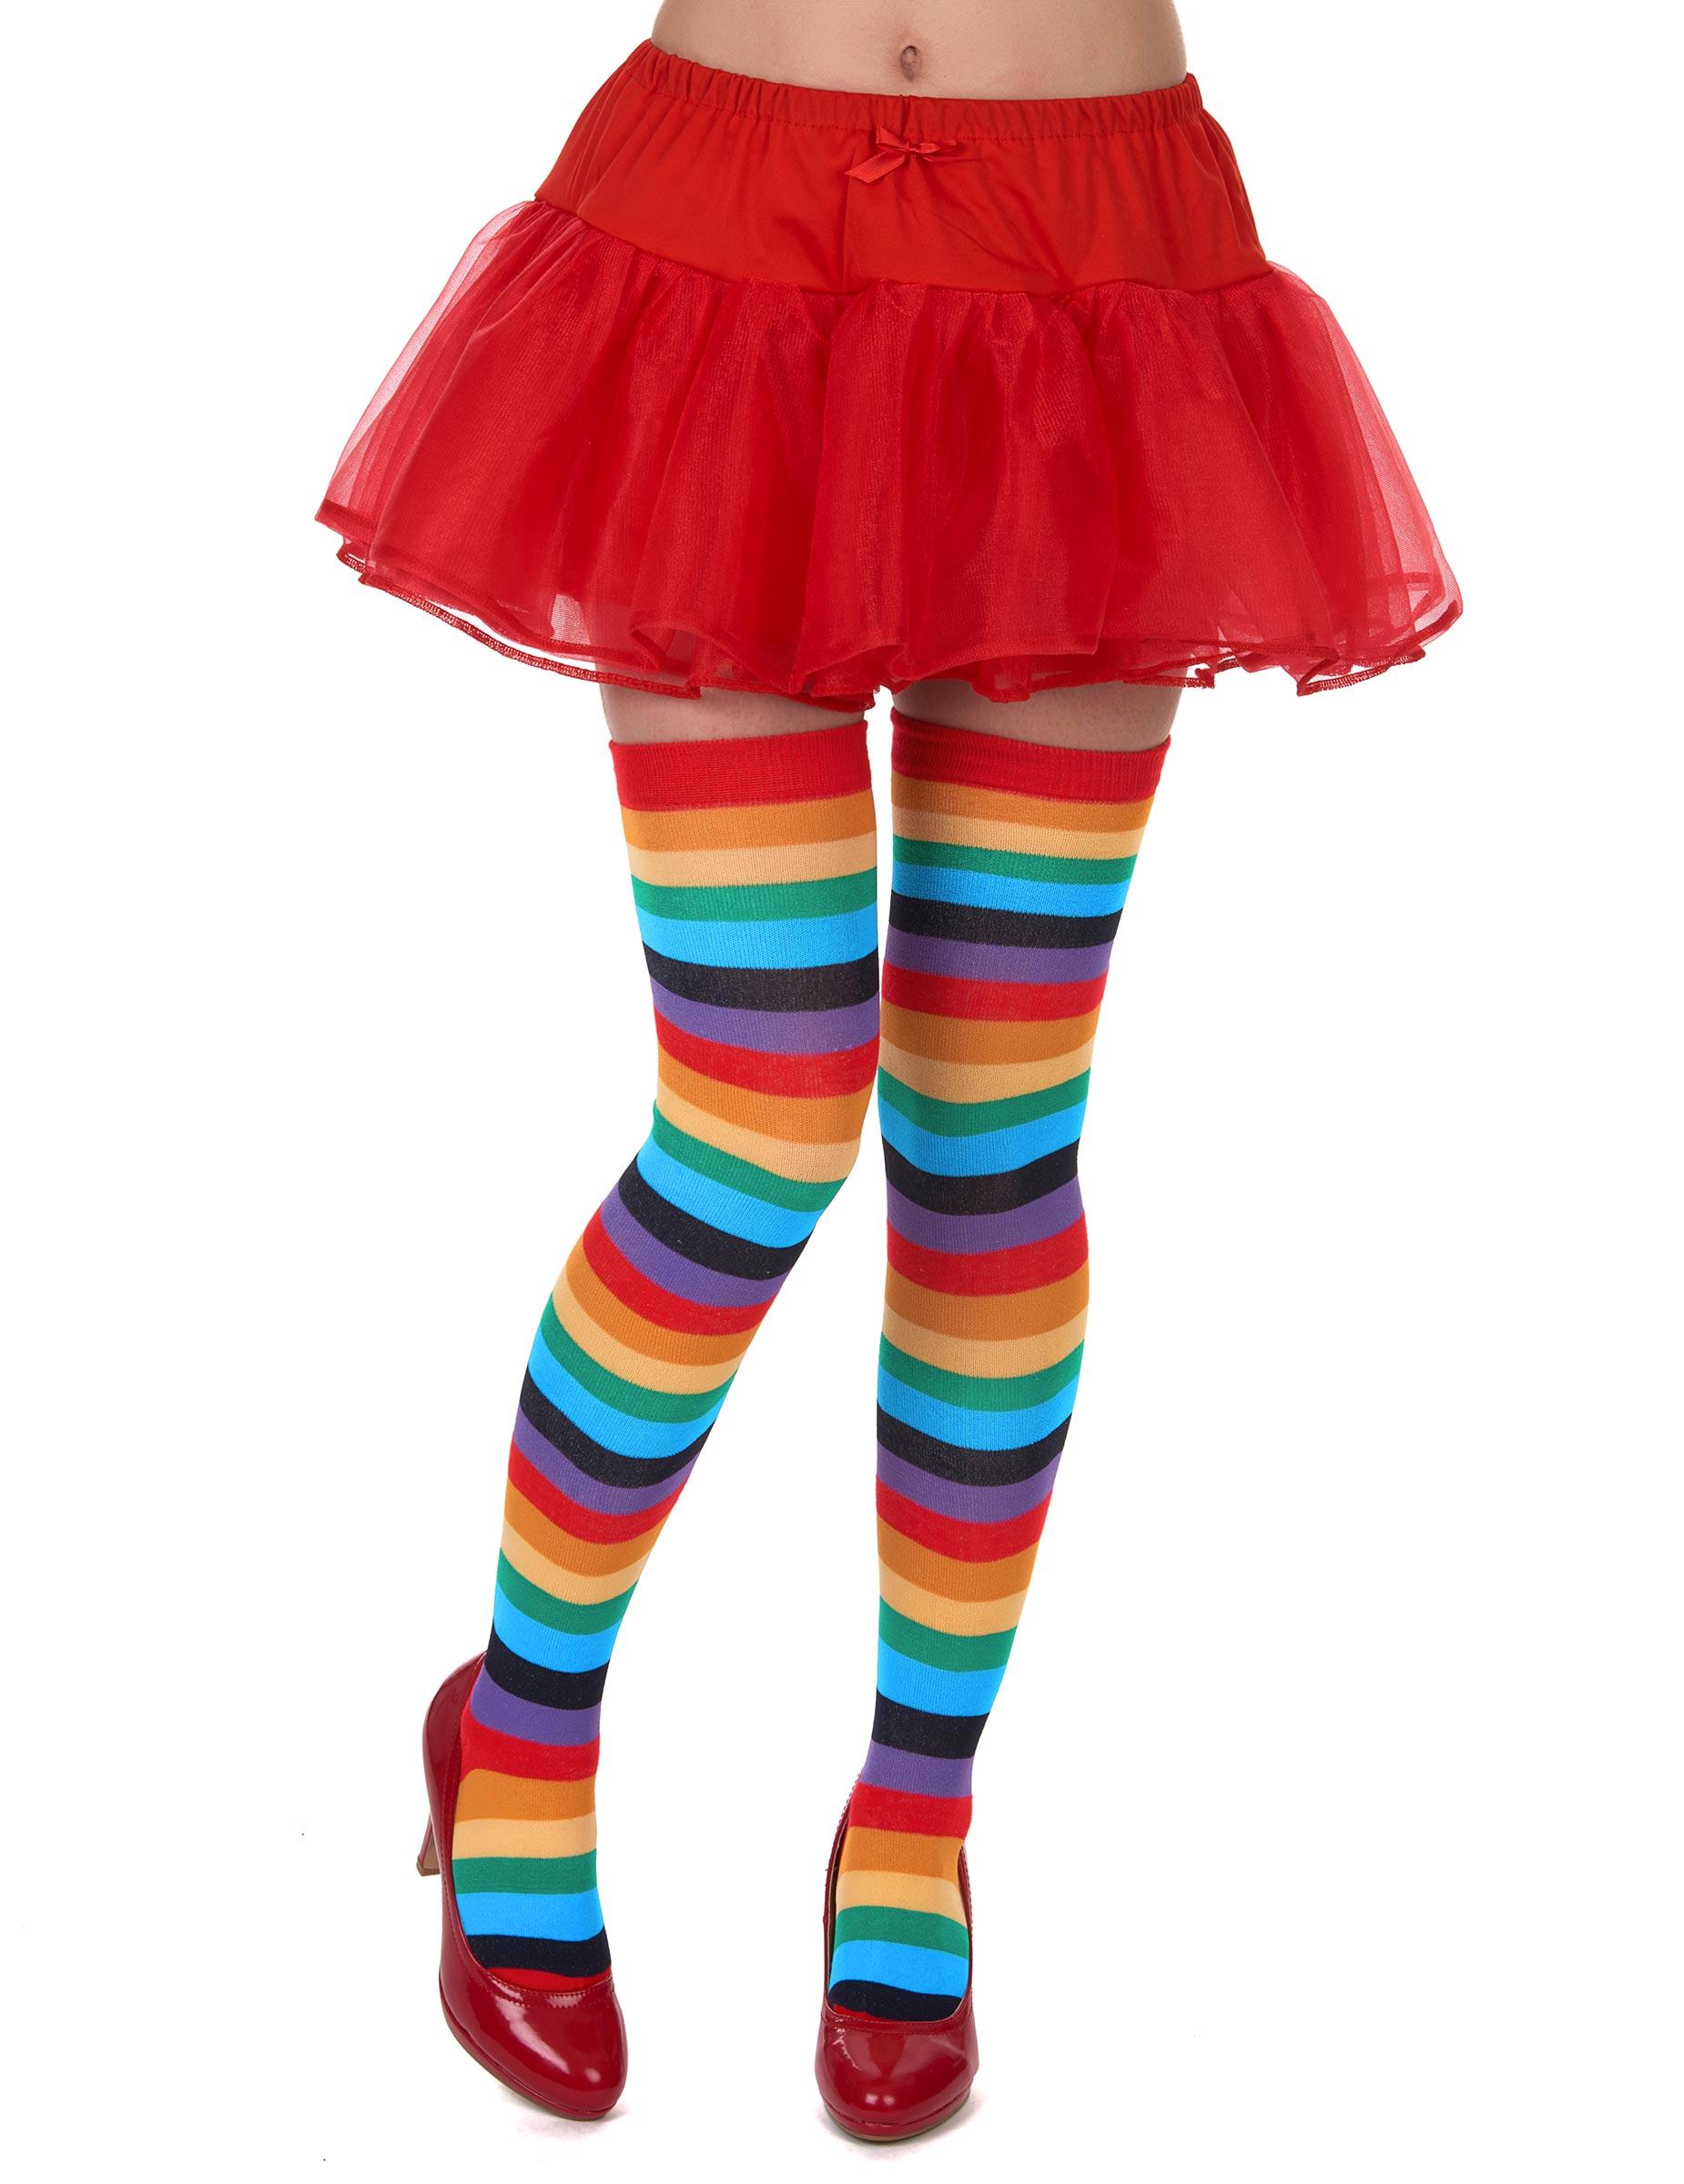 1b6091e652c1c Clown Damen Strümpfe Overknees bunt gestreift , günstige Faschings ...